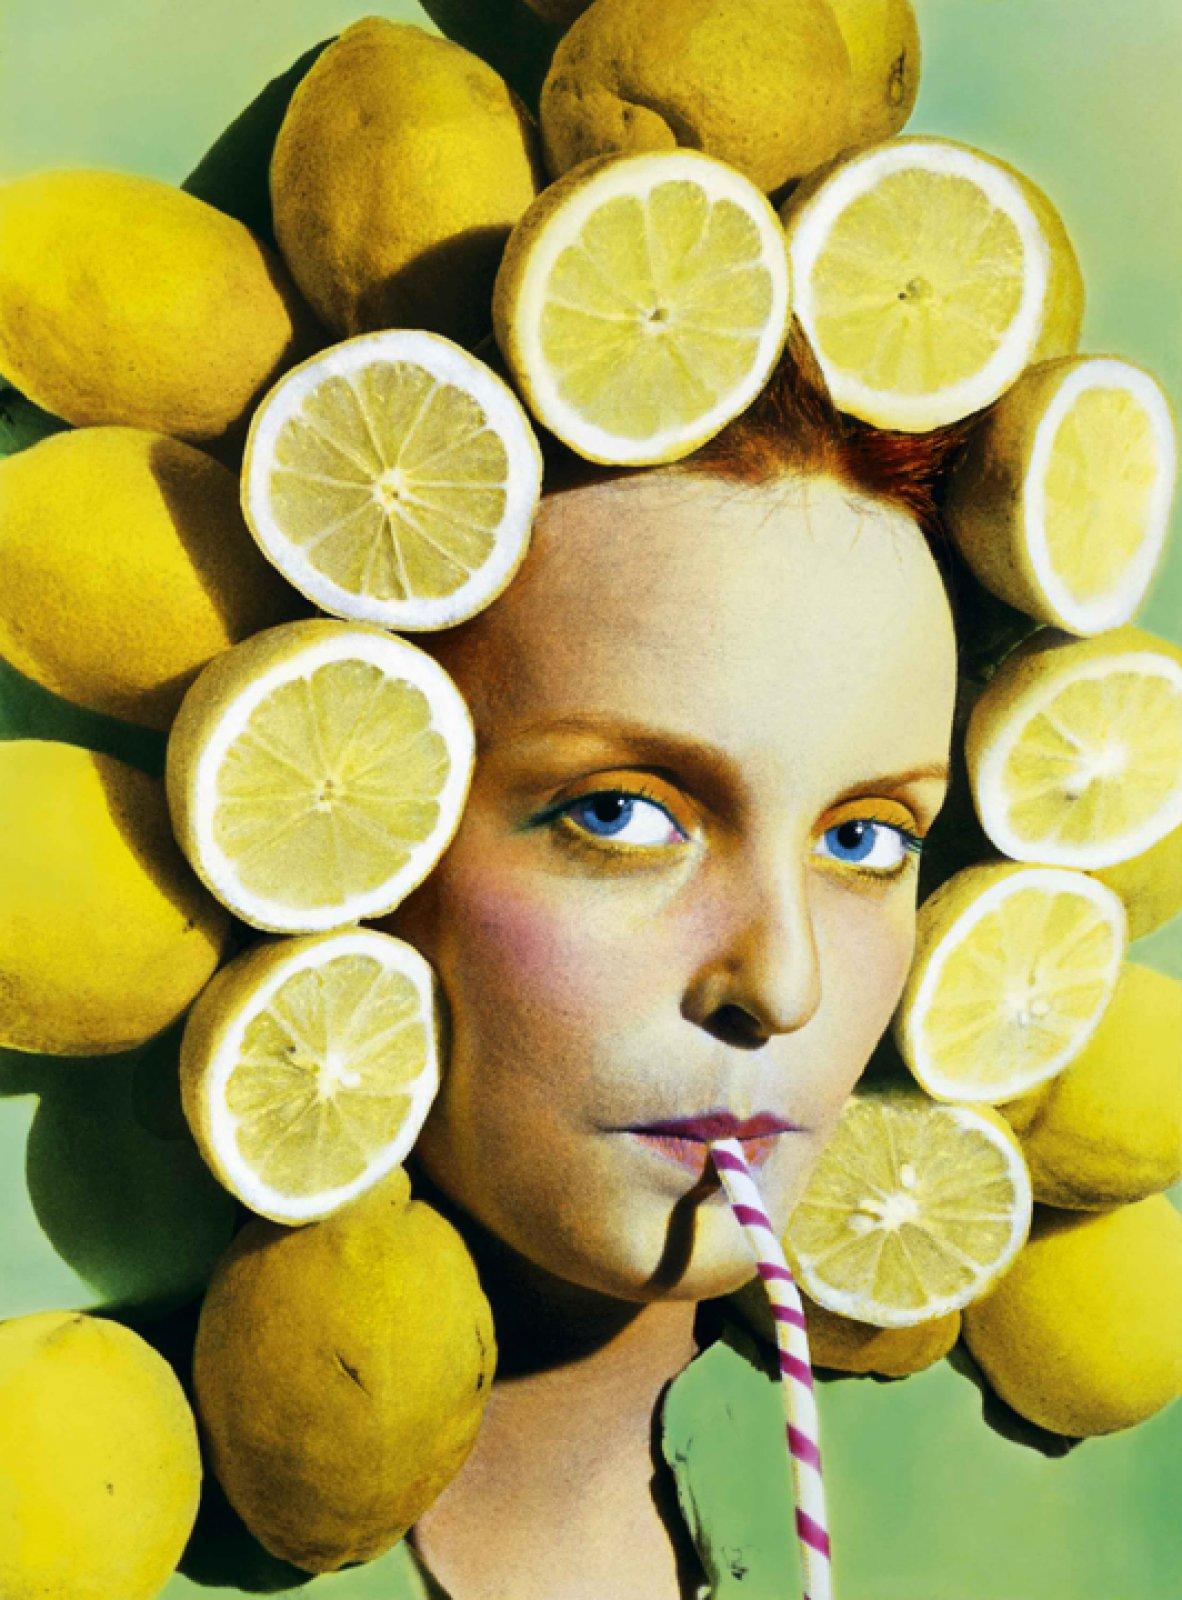 Peluquería, Limones, 1979 © Ouka Leele